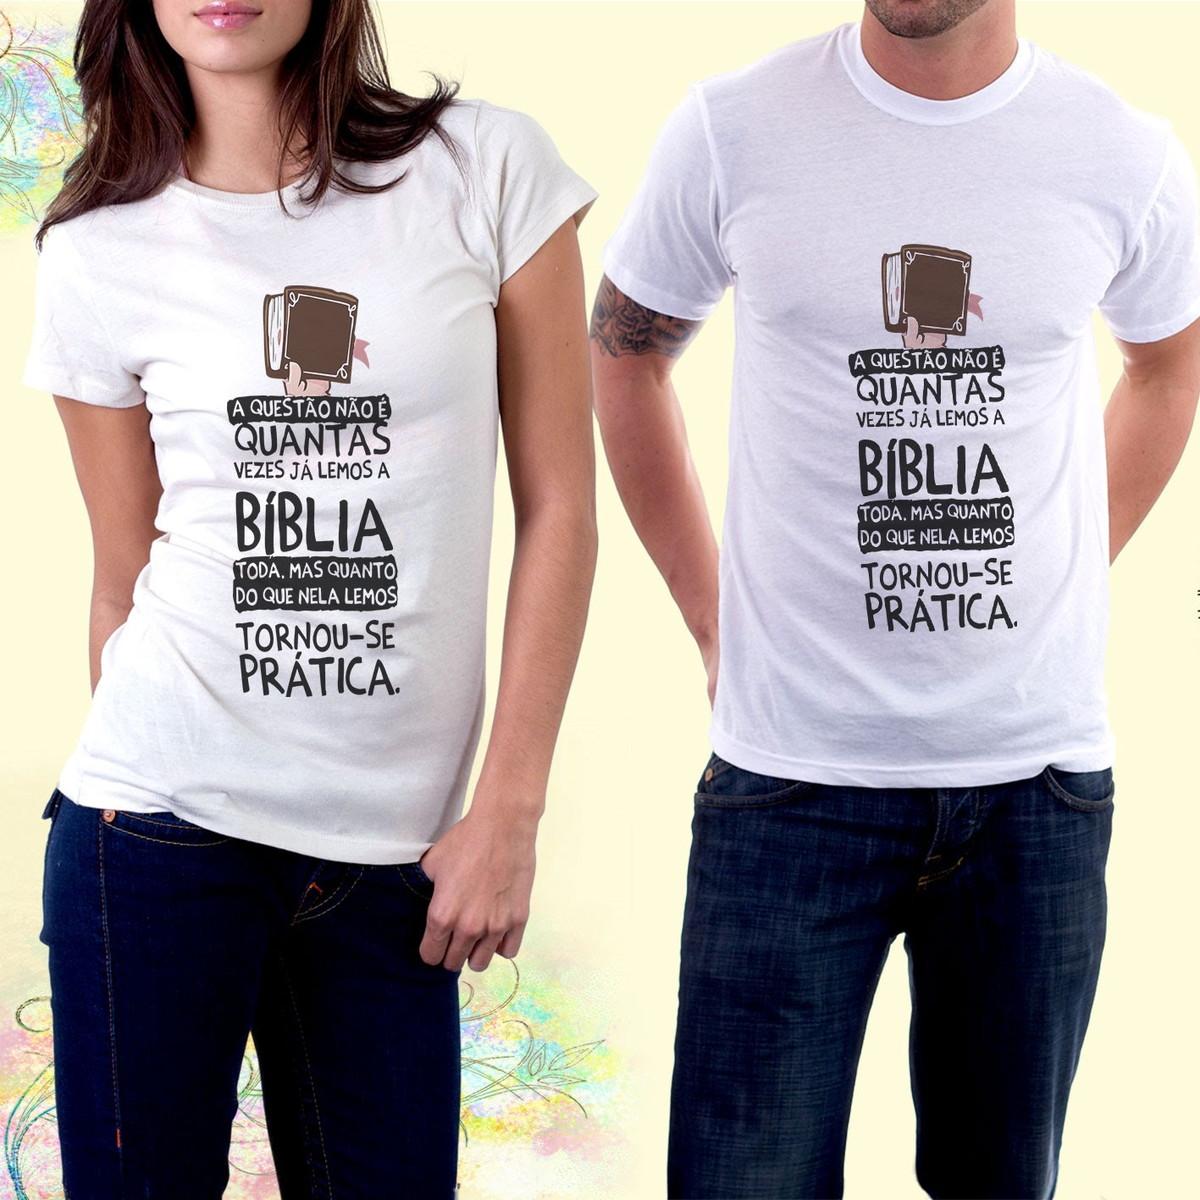 9aacec2137 kit com 2 Camiseta personalizada com frases evangélicas no Elo7 ...